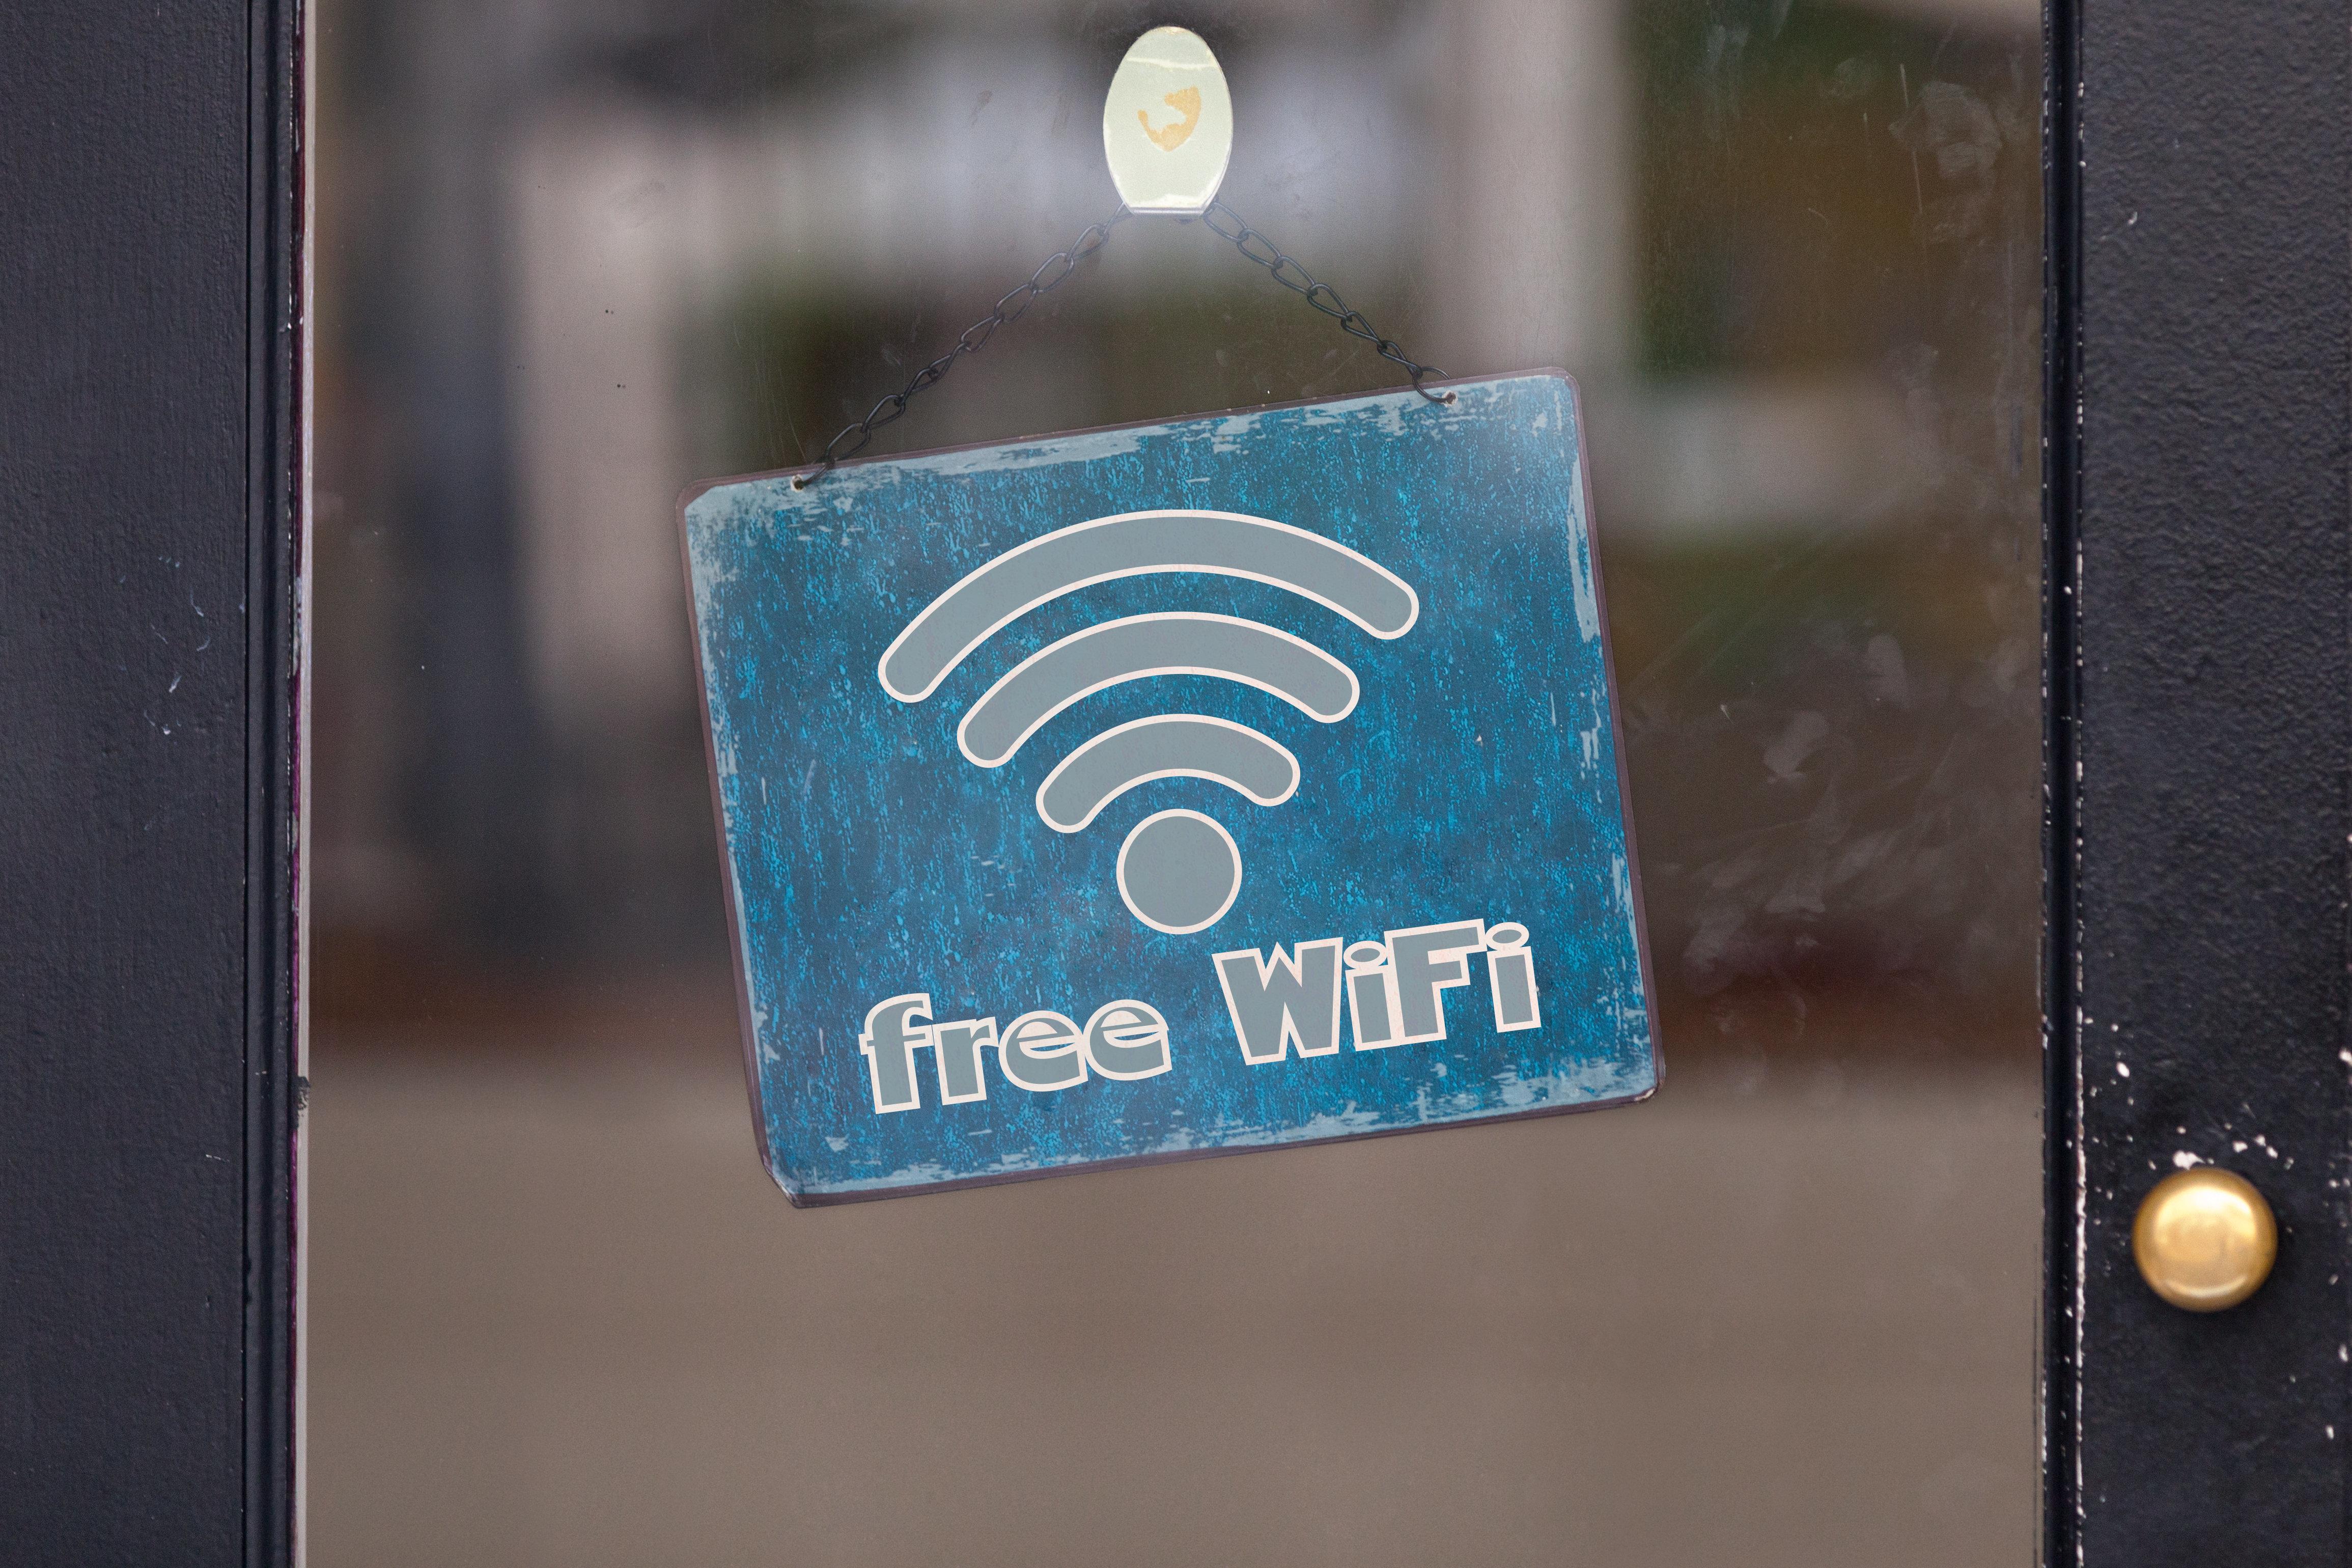 Δωρεάν ίντερνετ σε όλους τους δήμους μέσω του WiFi4EU. Τι λένε οι